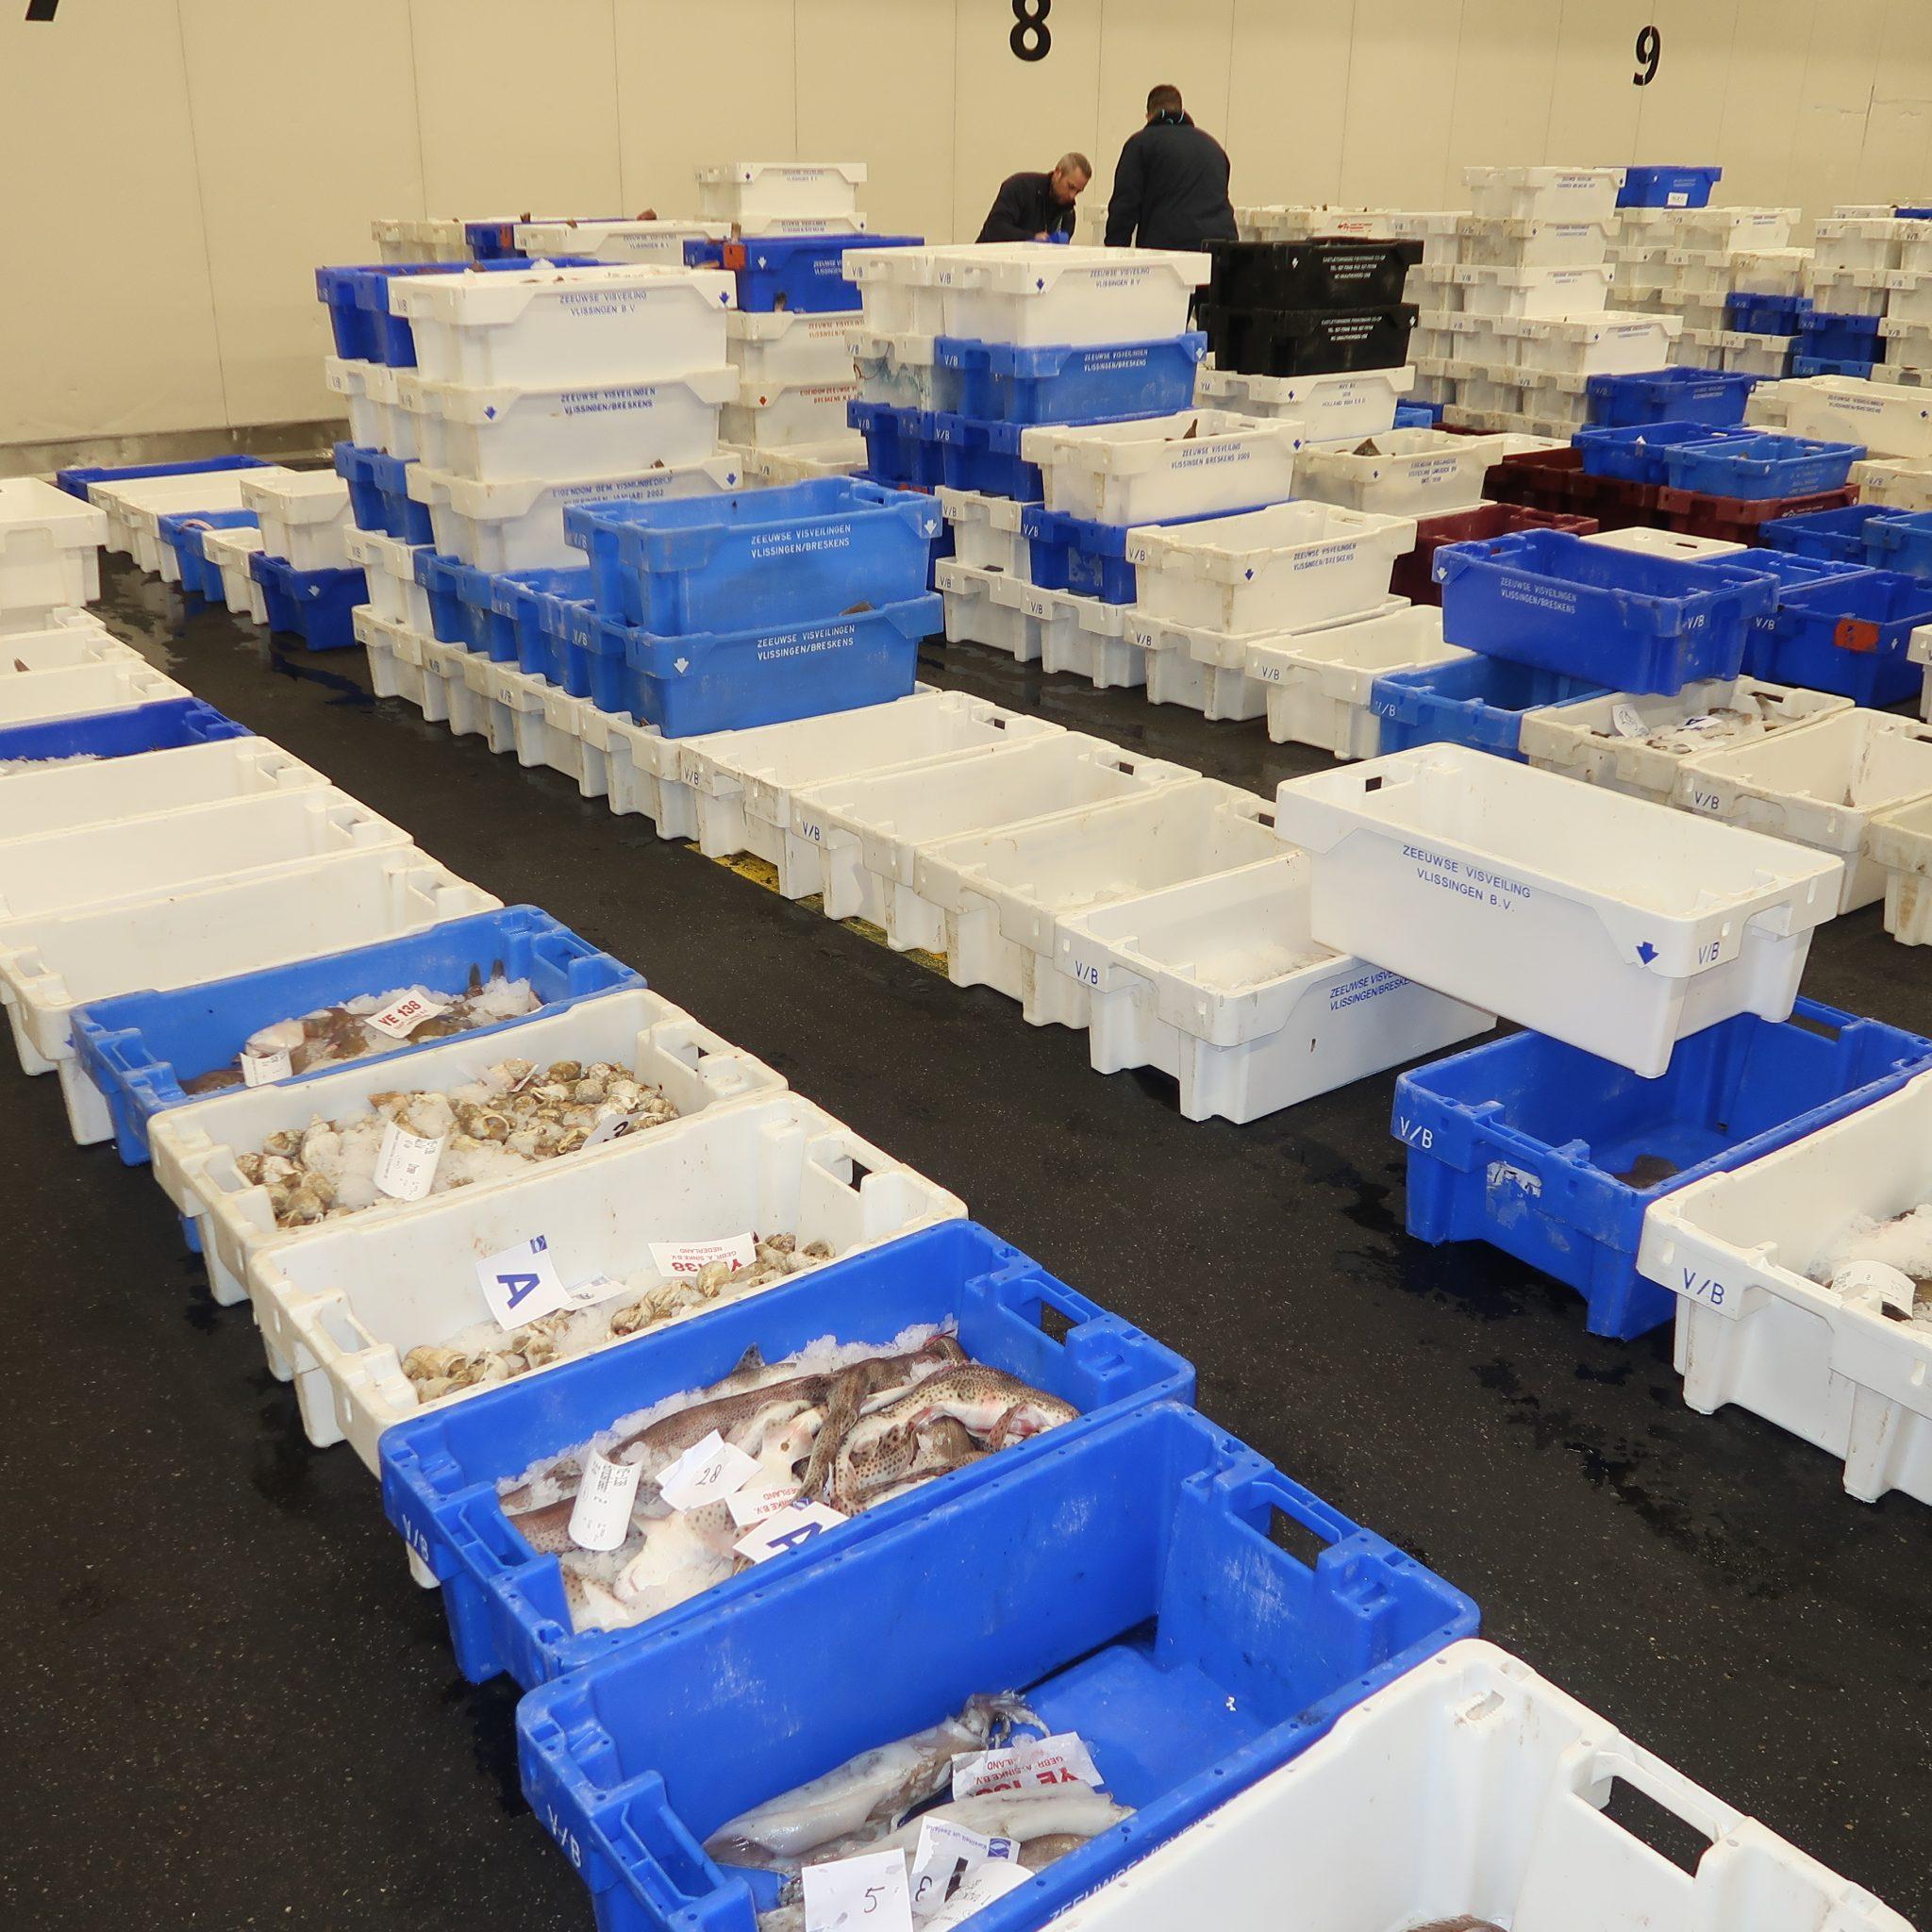 De vangsten van de kustvloot staan netjes gerangschikt in de vismijn van Vlissingen. (Foto W.M. den Heijer)